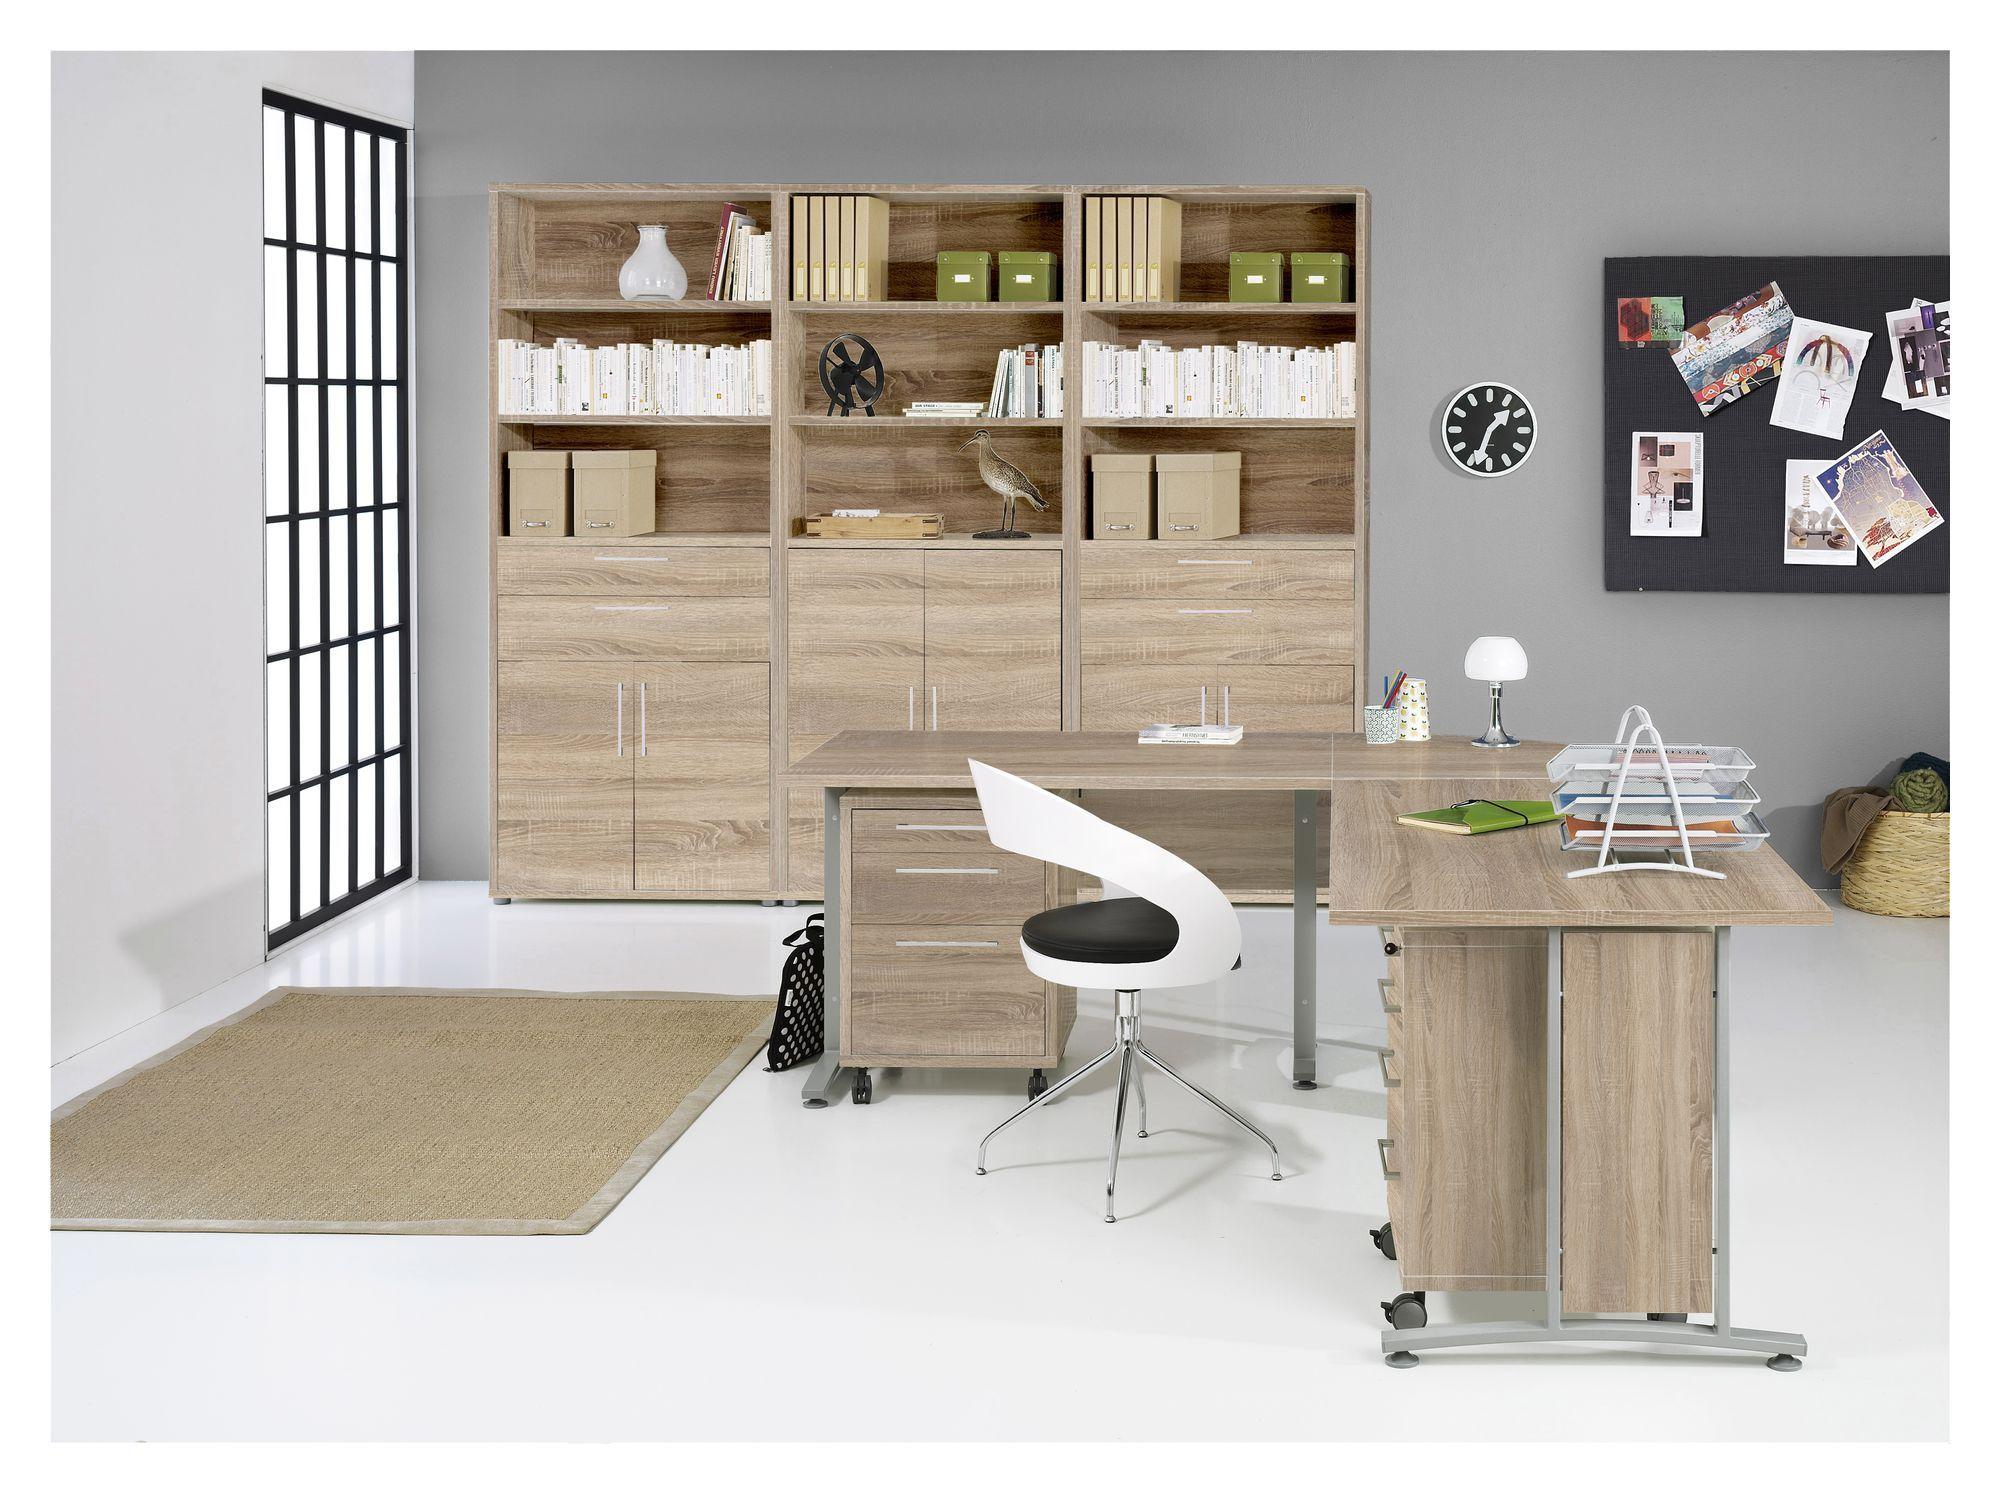 Prima Skrivebordsmodul - Lys træ m/metalben - Hjørnemodul til Prima Skrivebord